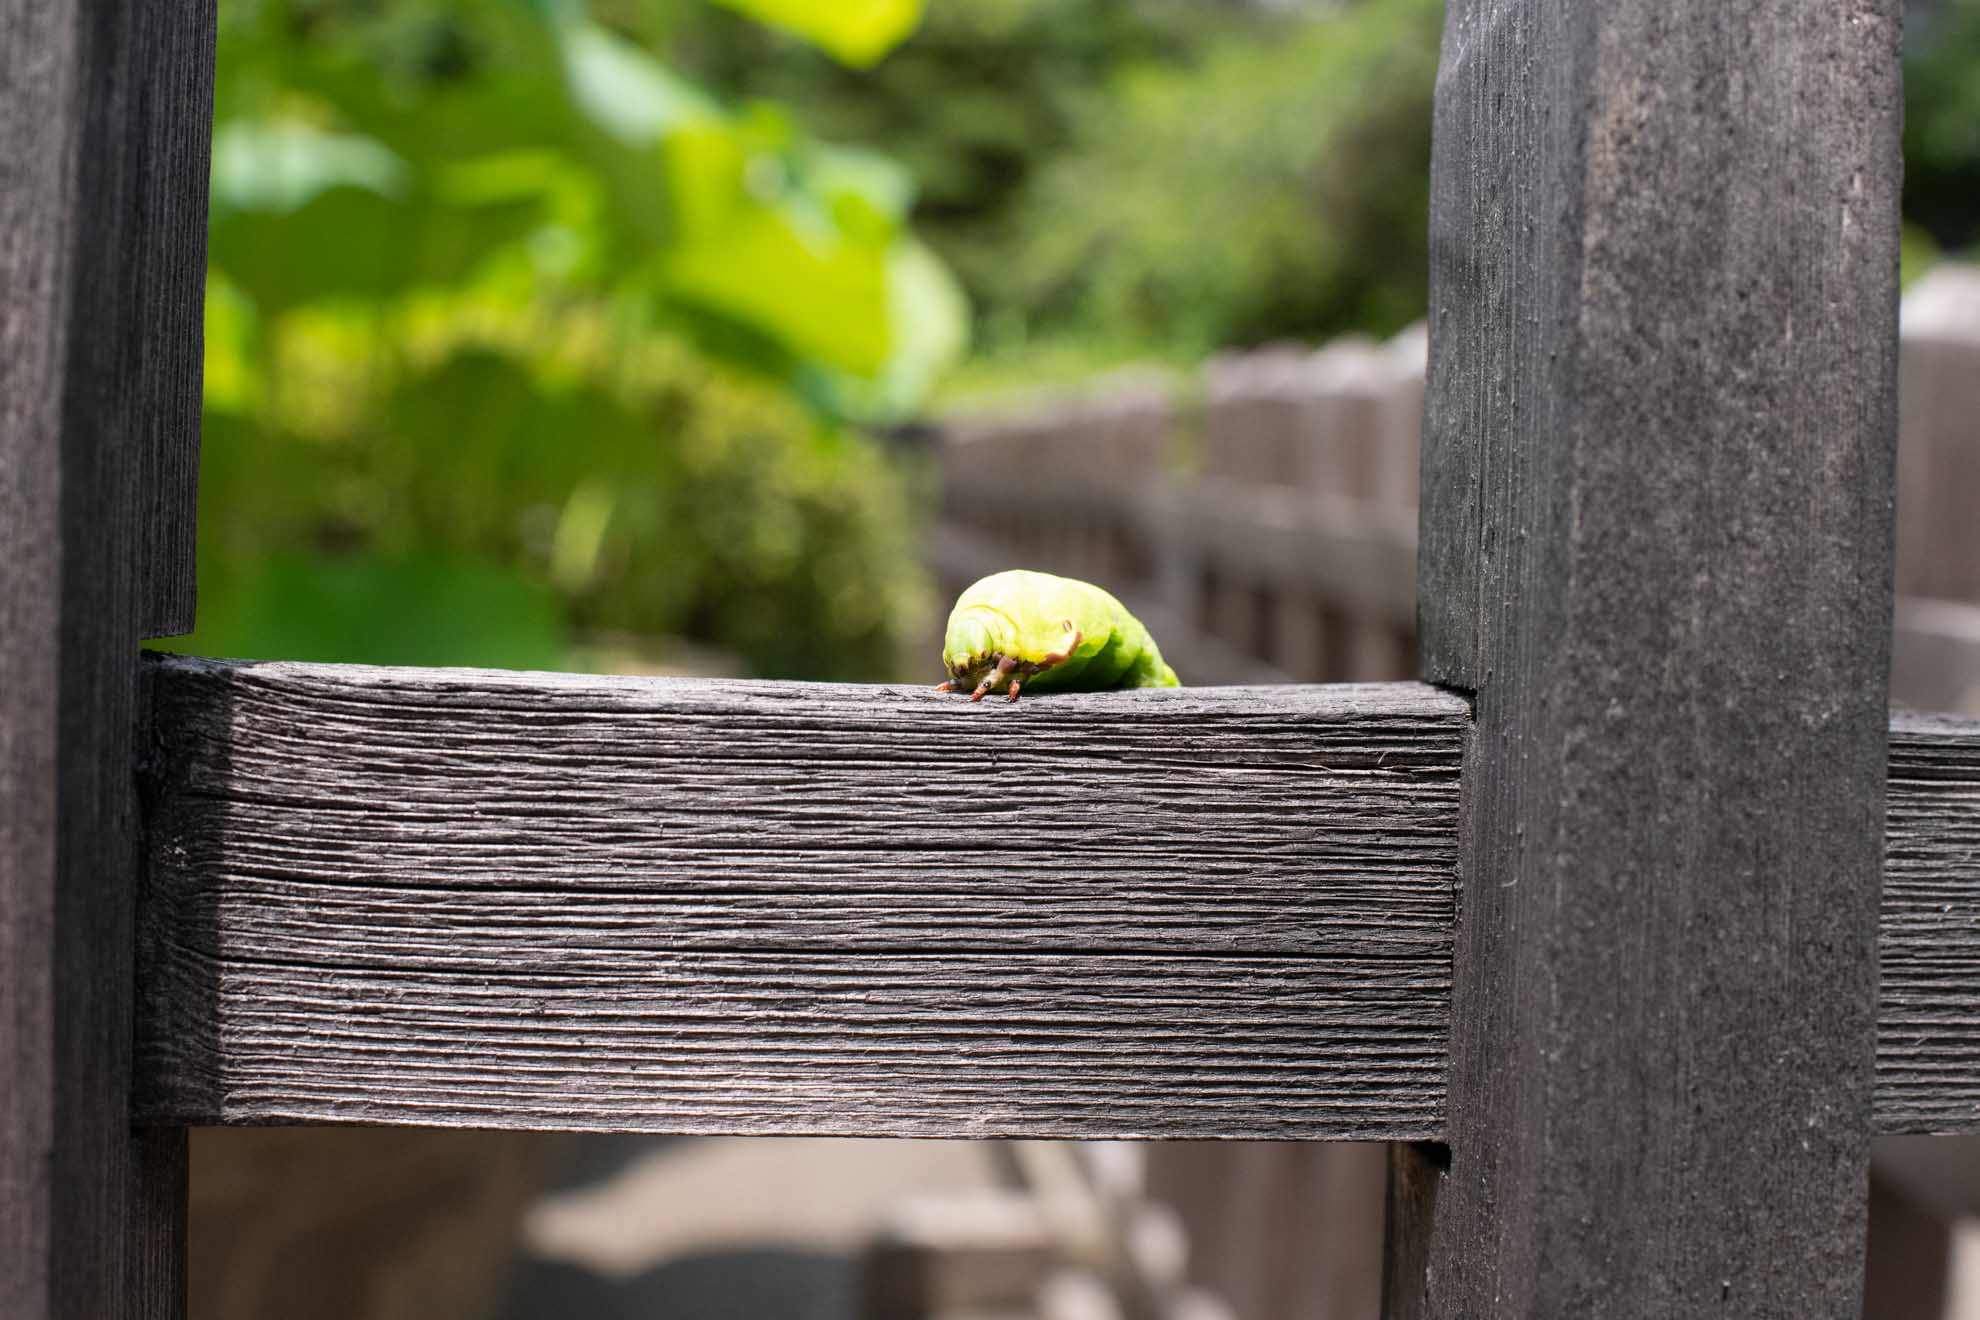 スズメガ系のイモムシ